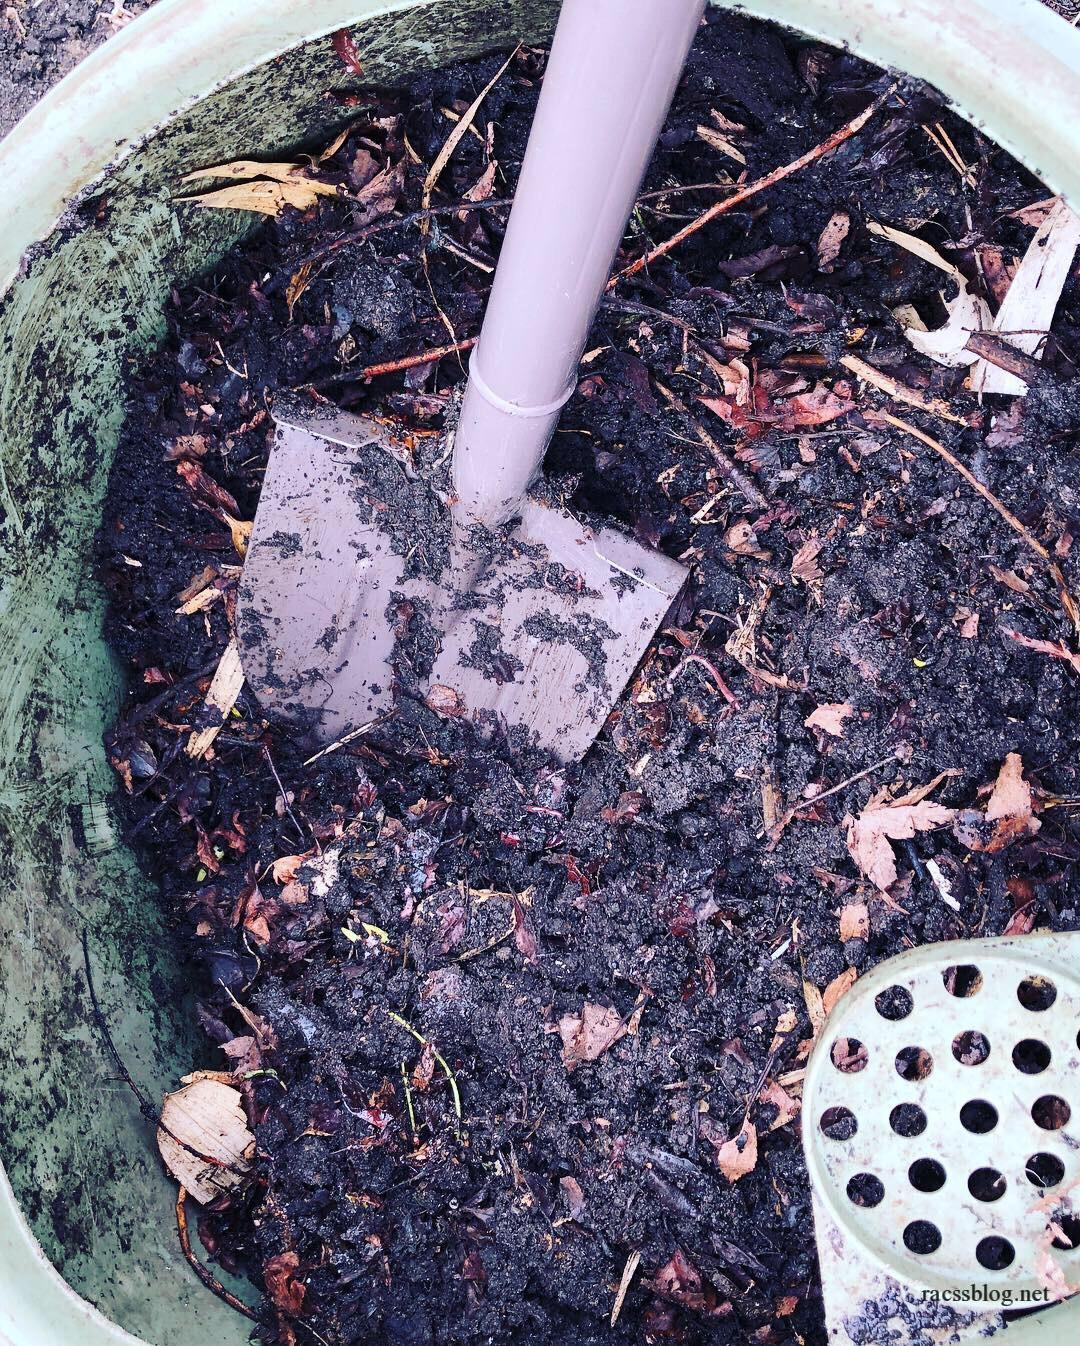 コンポスト容器を使った生ごみ堆肥の作り方|失敗しないポイントとは